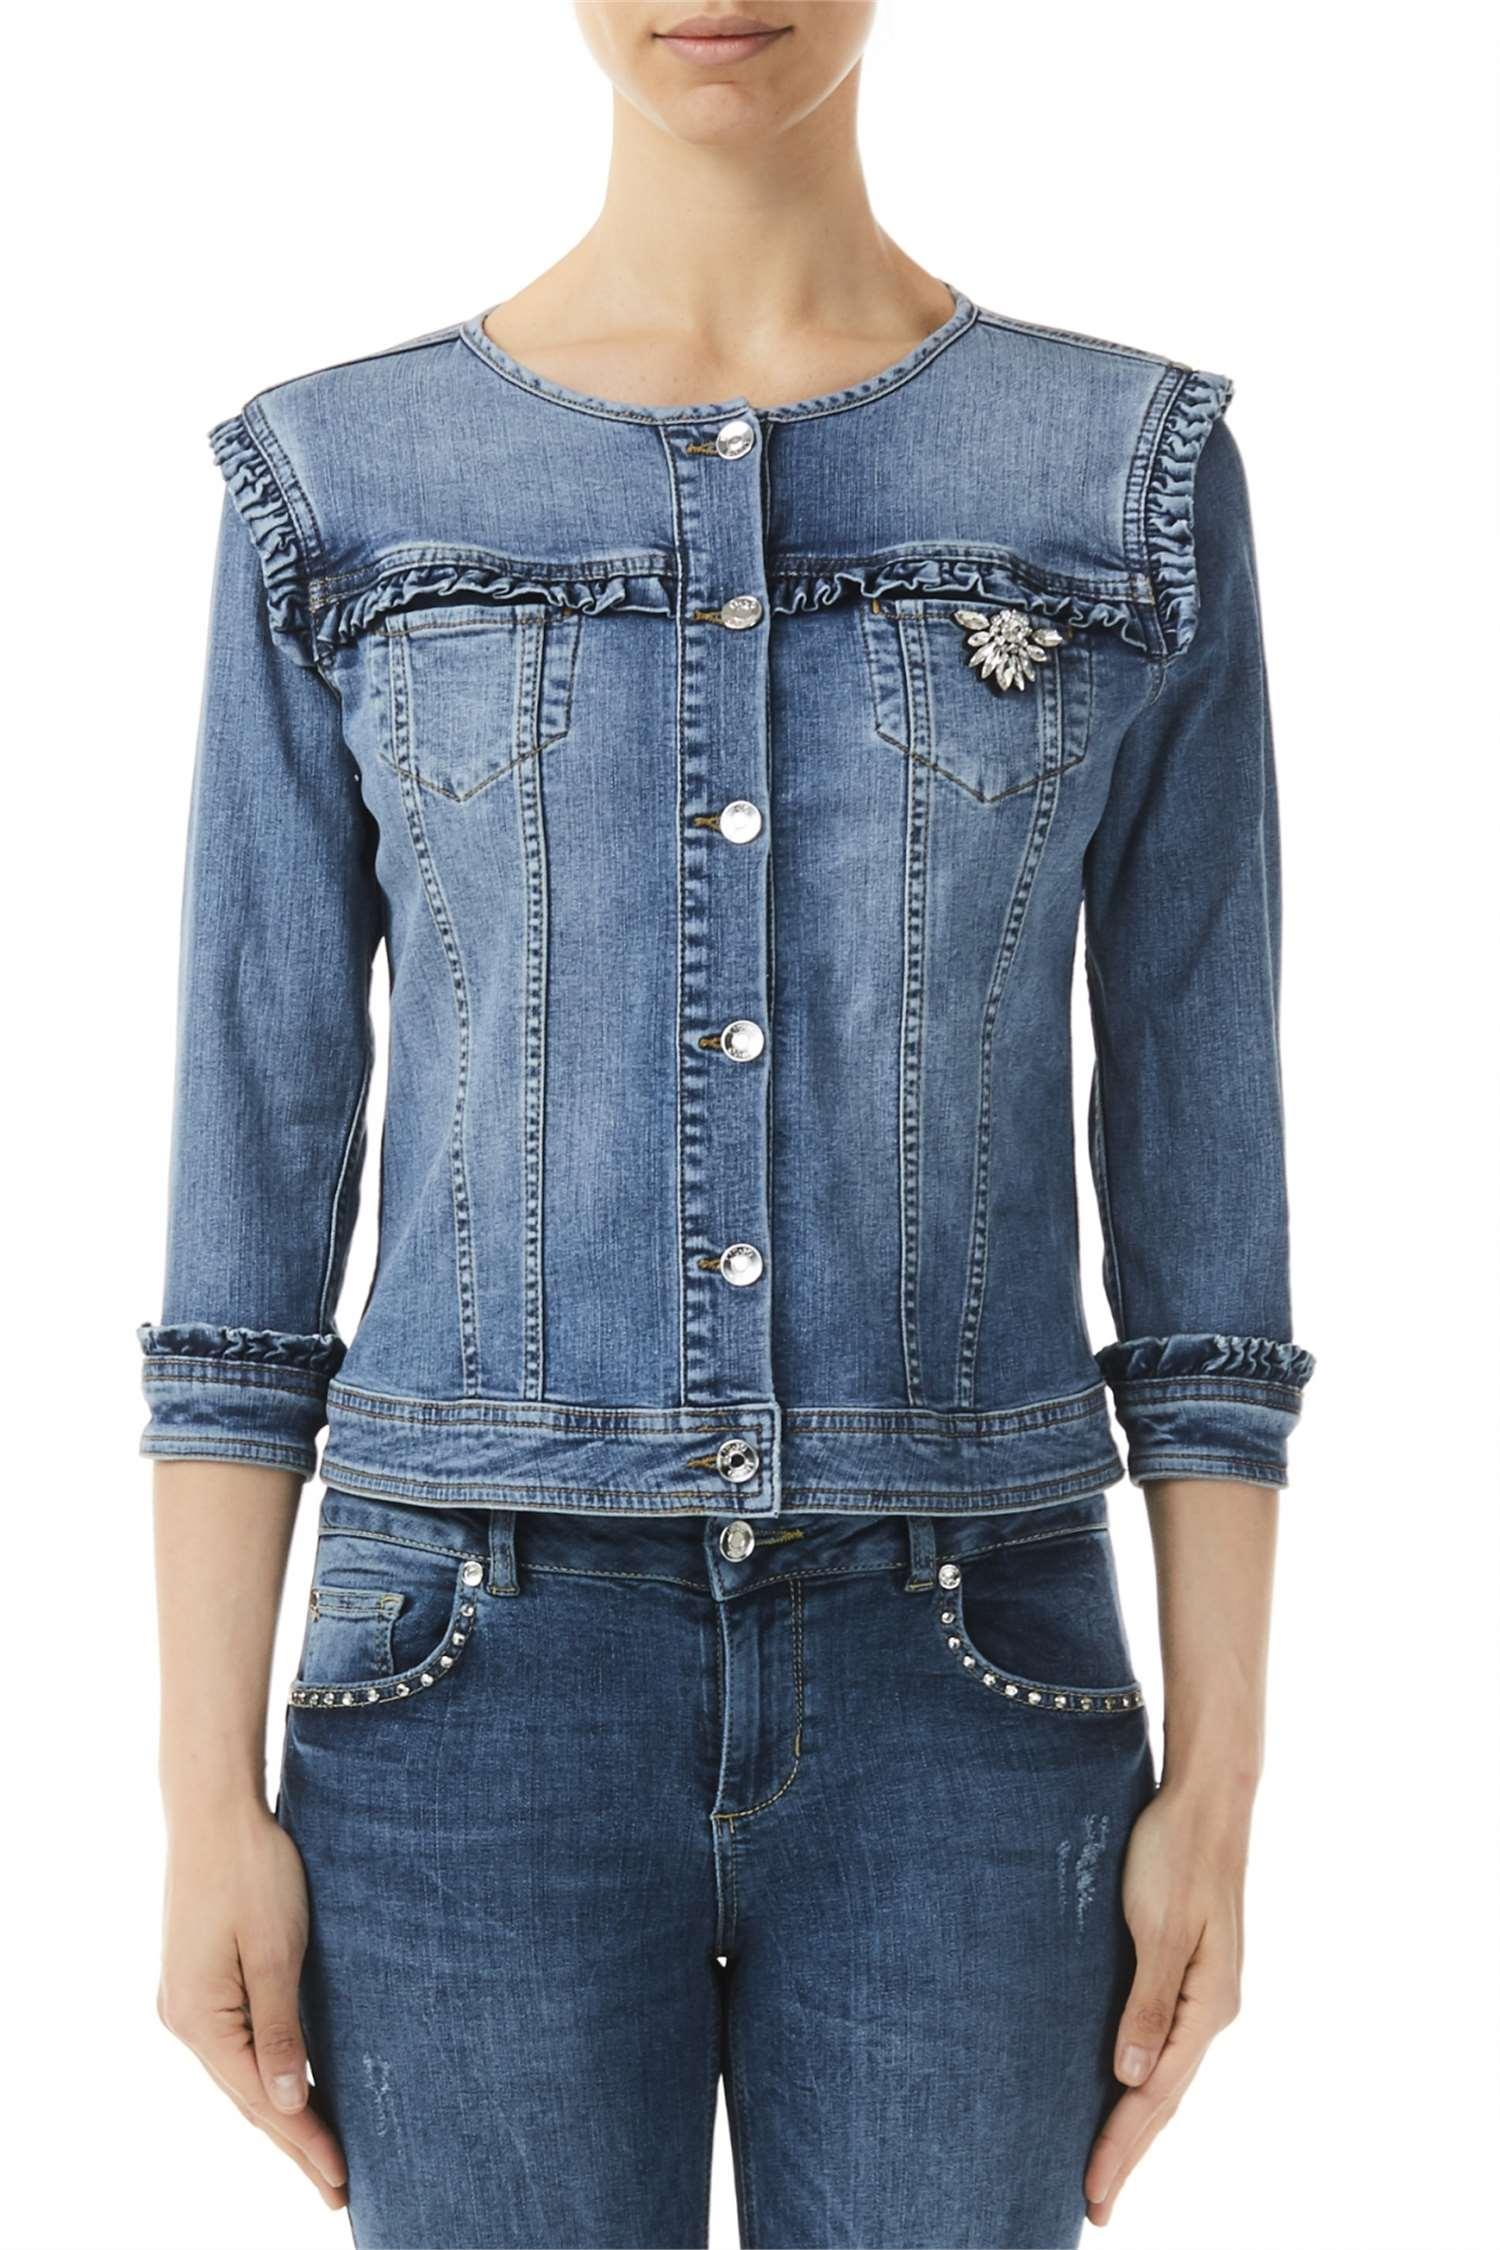 063c164191ce8 Liu Jo U19016D4313 Jeans Abbigliamento Donna Capispalla